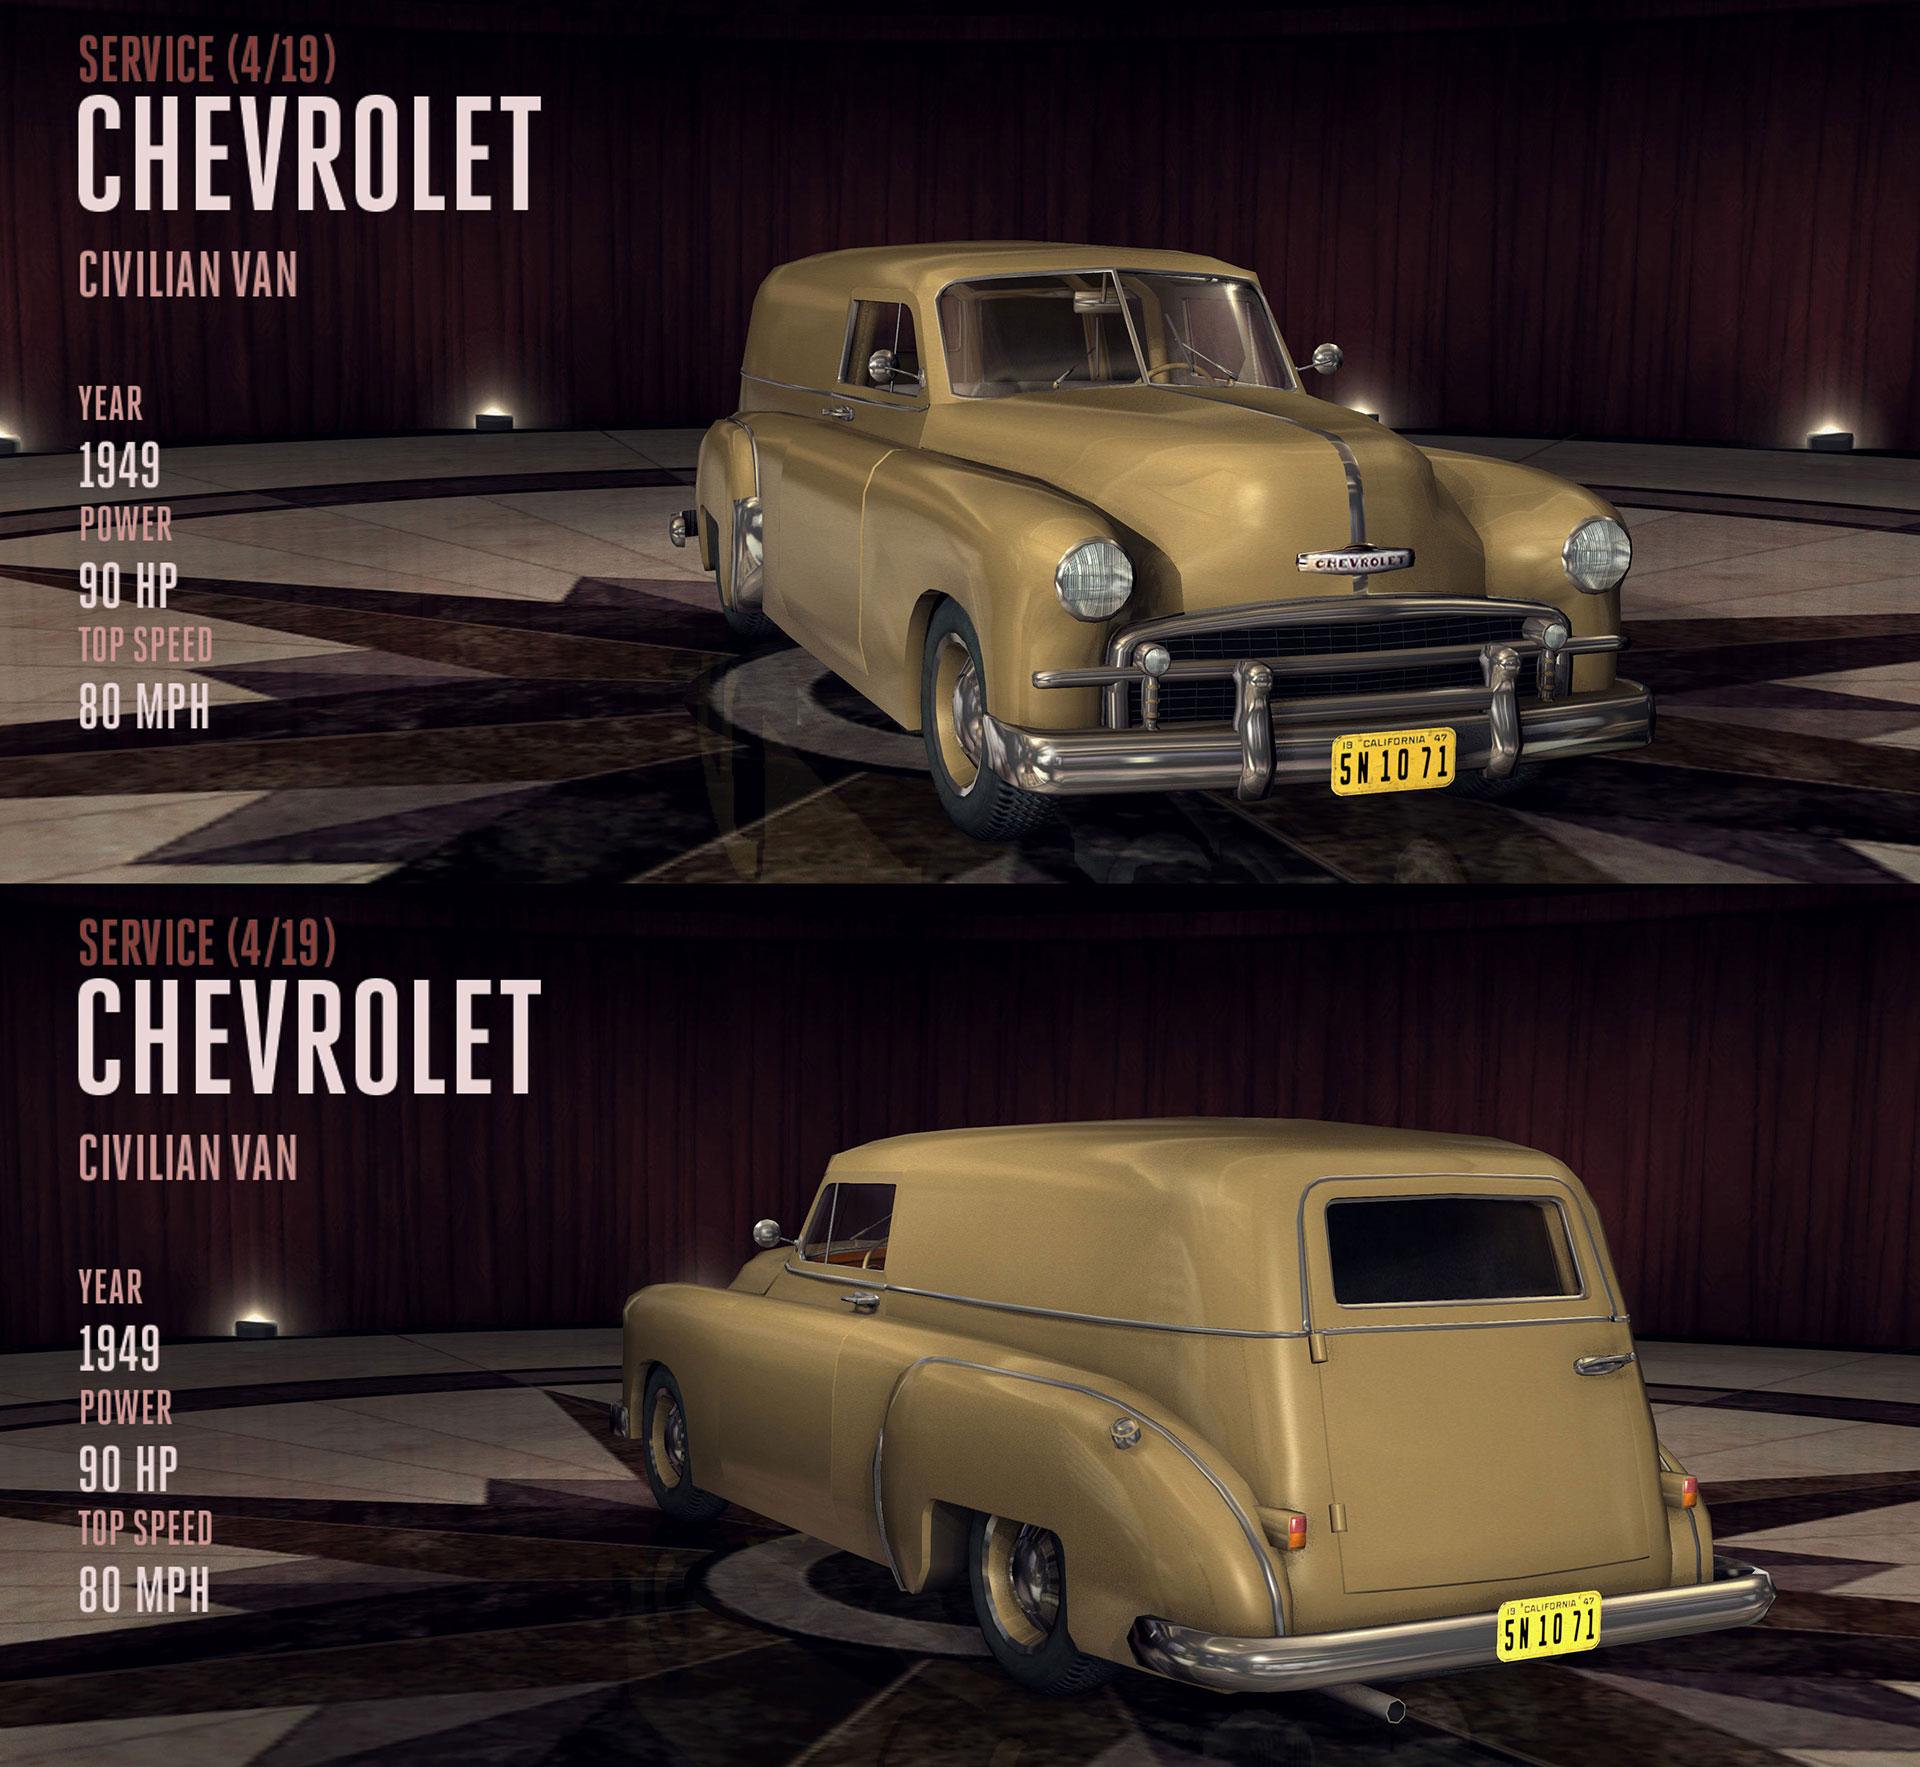 Chevrolet Civilian Van